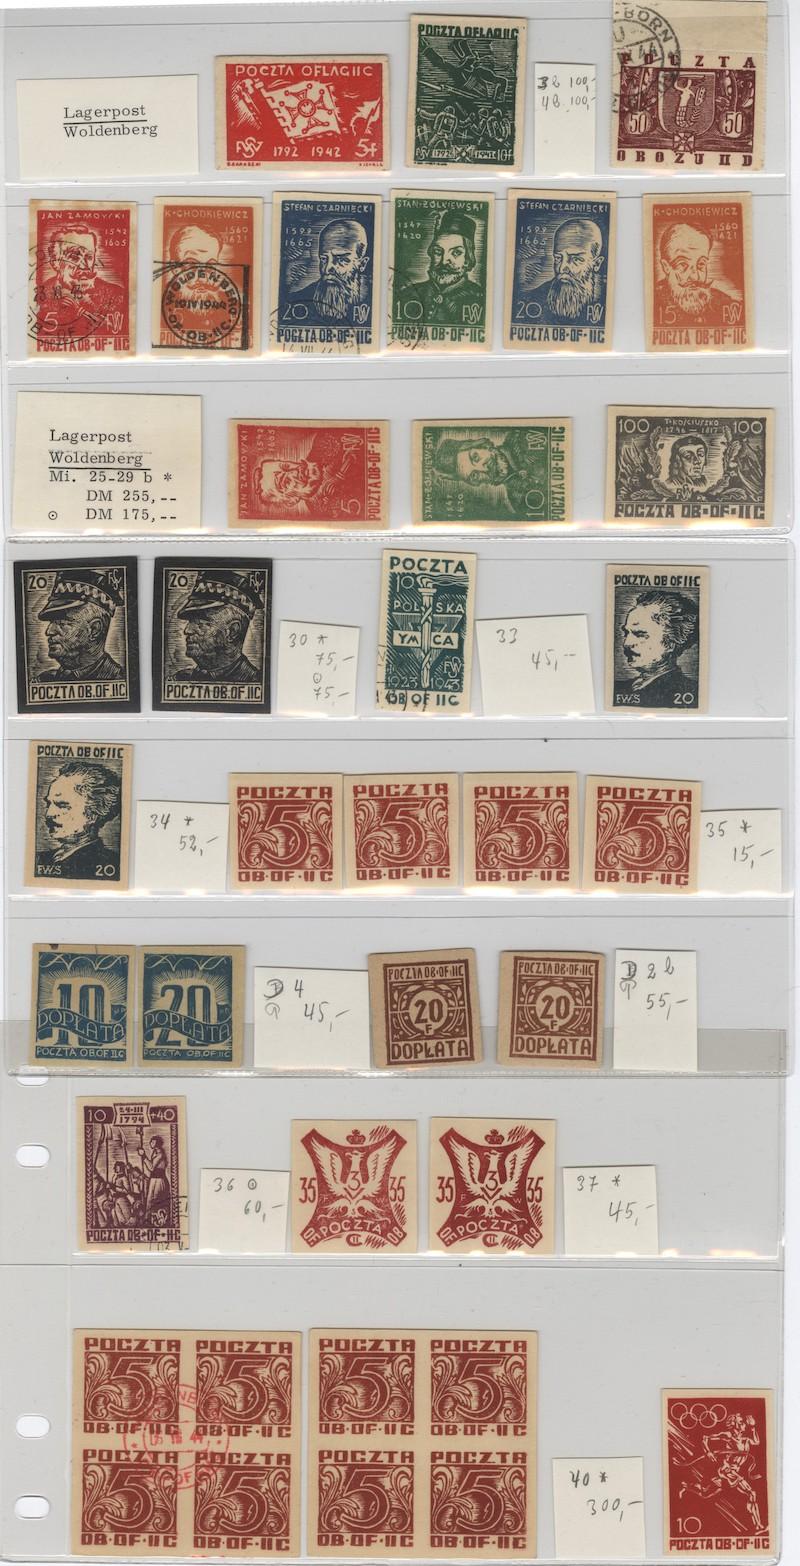 Lot 2359 - Polen (Michel)  -  Skanfil Auksjoner AS  Public auction 211